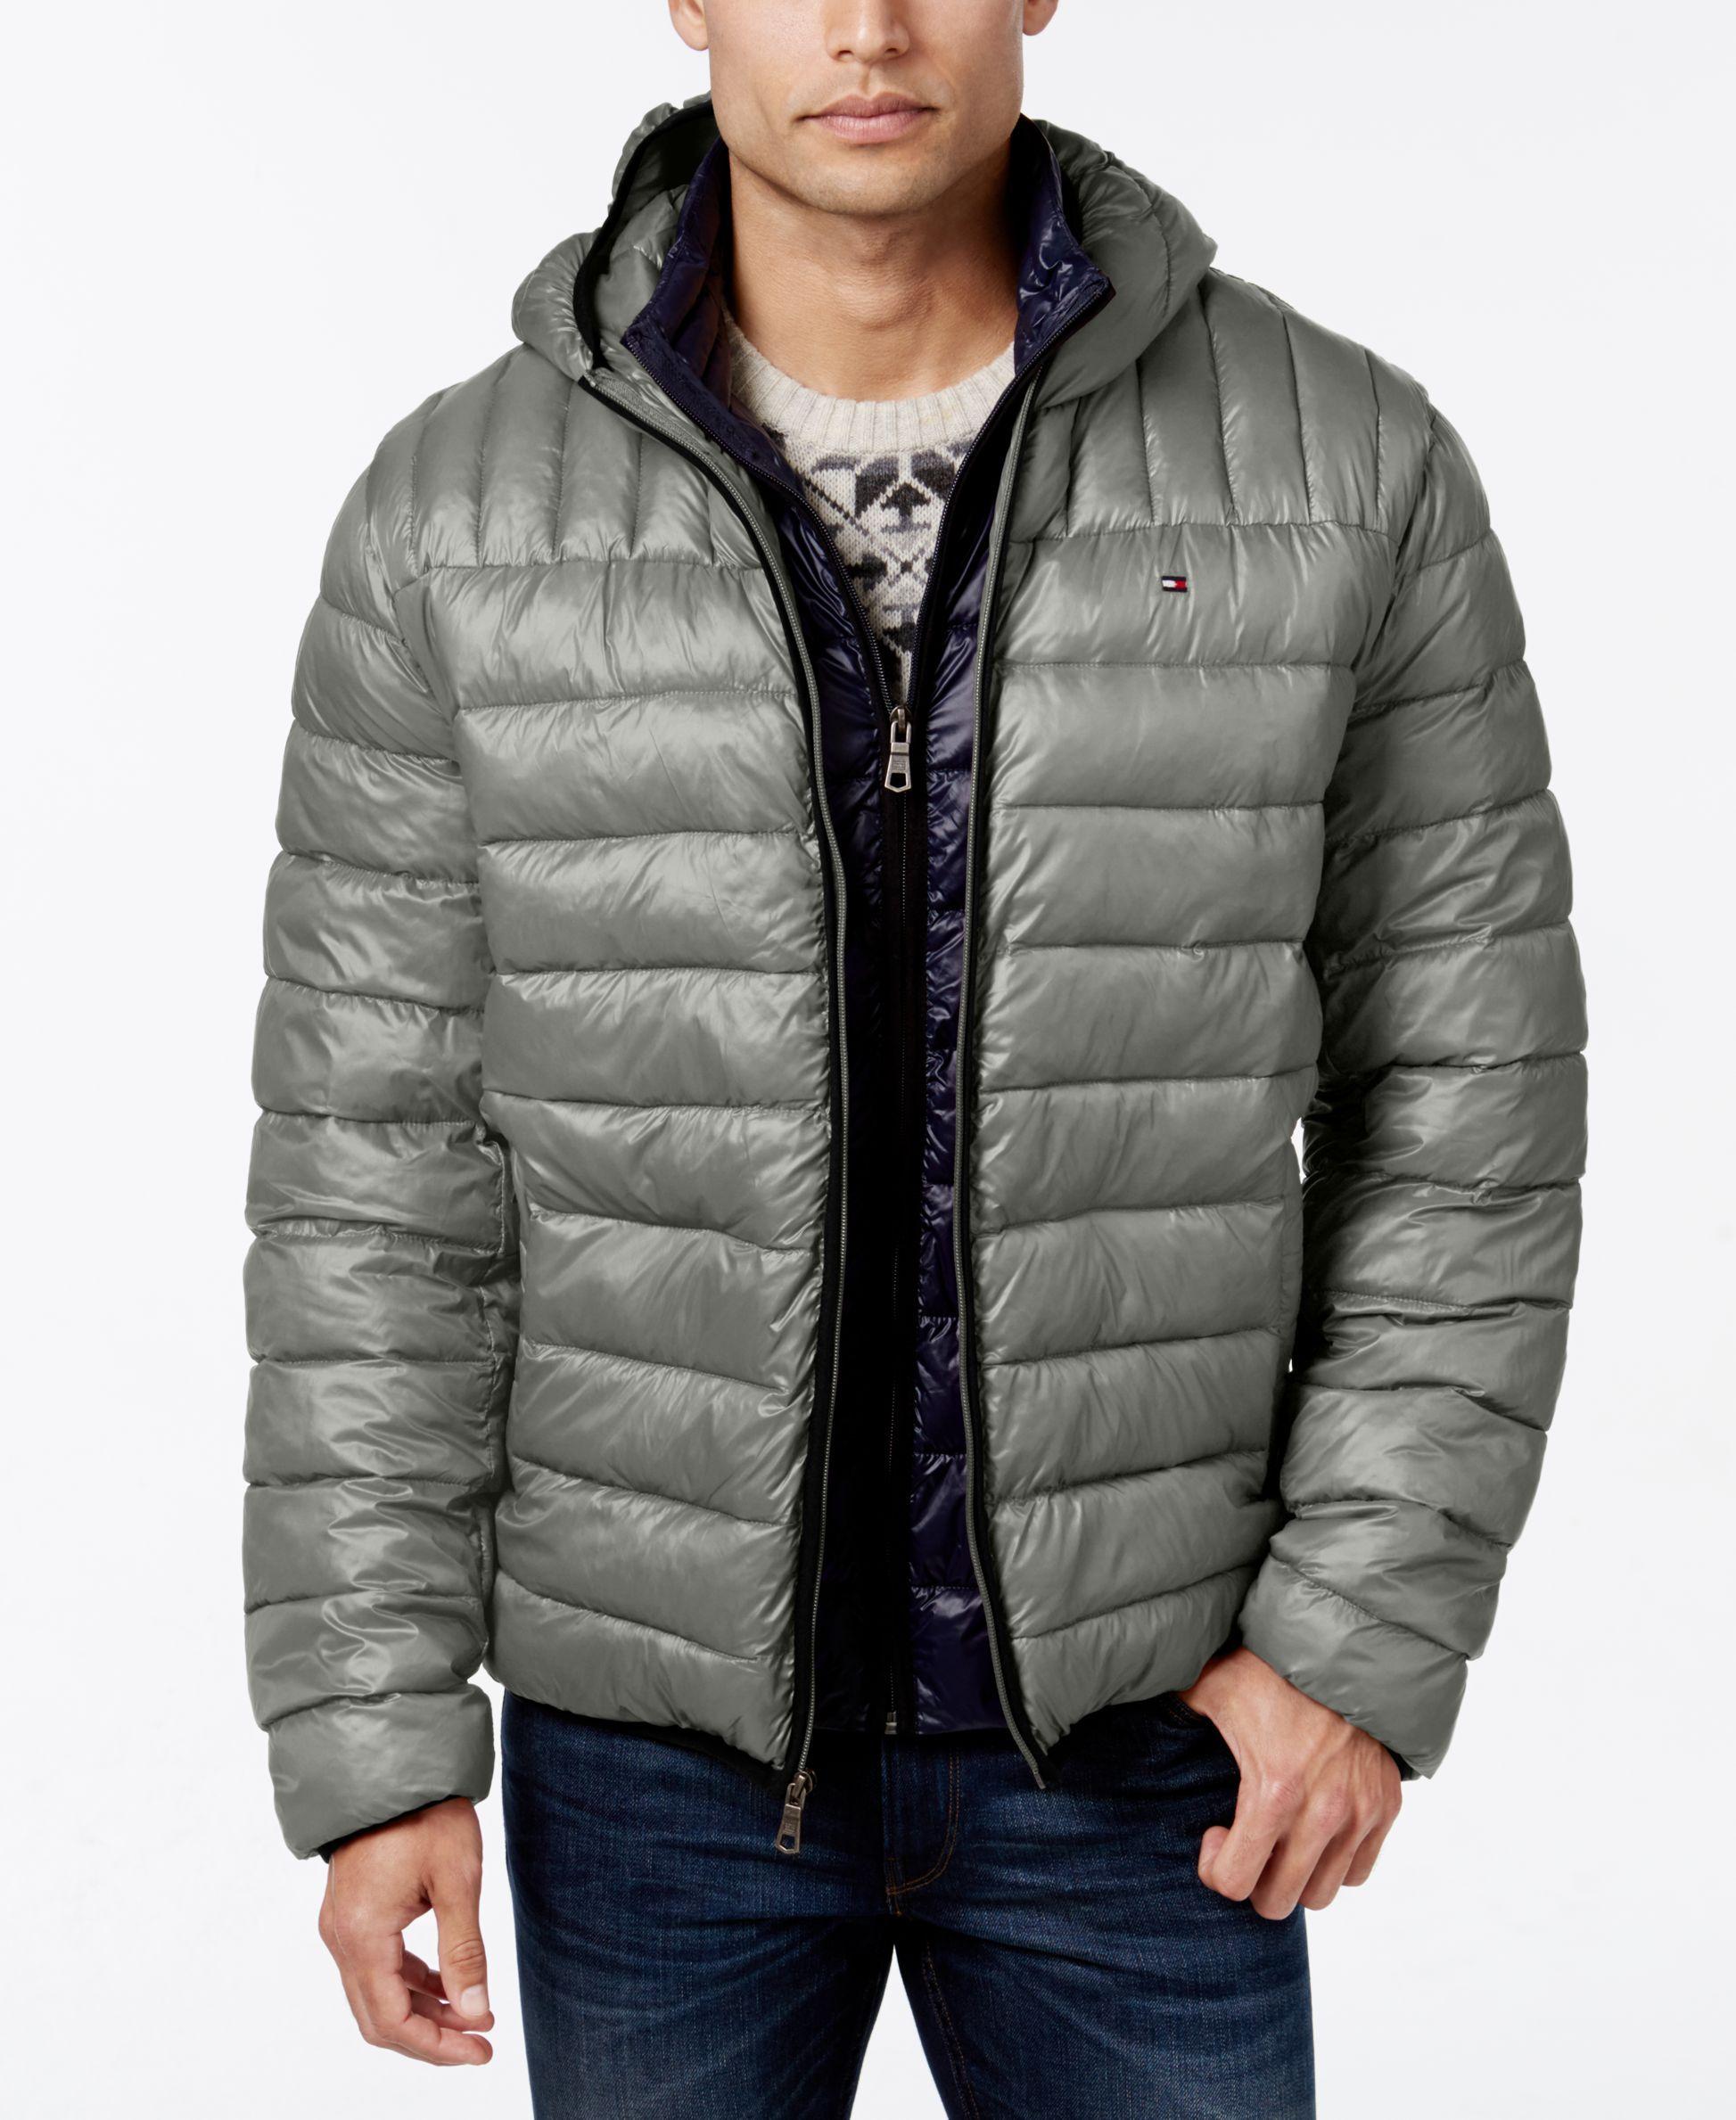 S Daunenjacke Herrenjacke Winterjacke Jacken & Mäntel FOX Rage Puffa Shield Jacket Gr